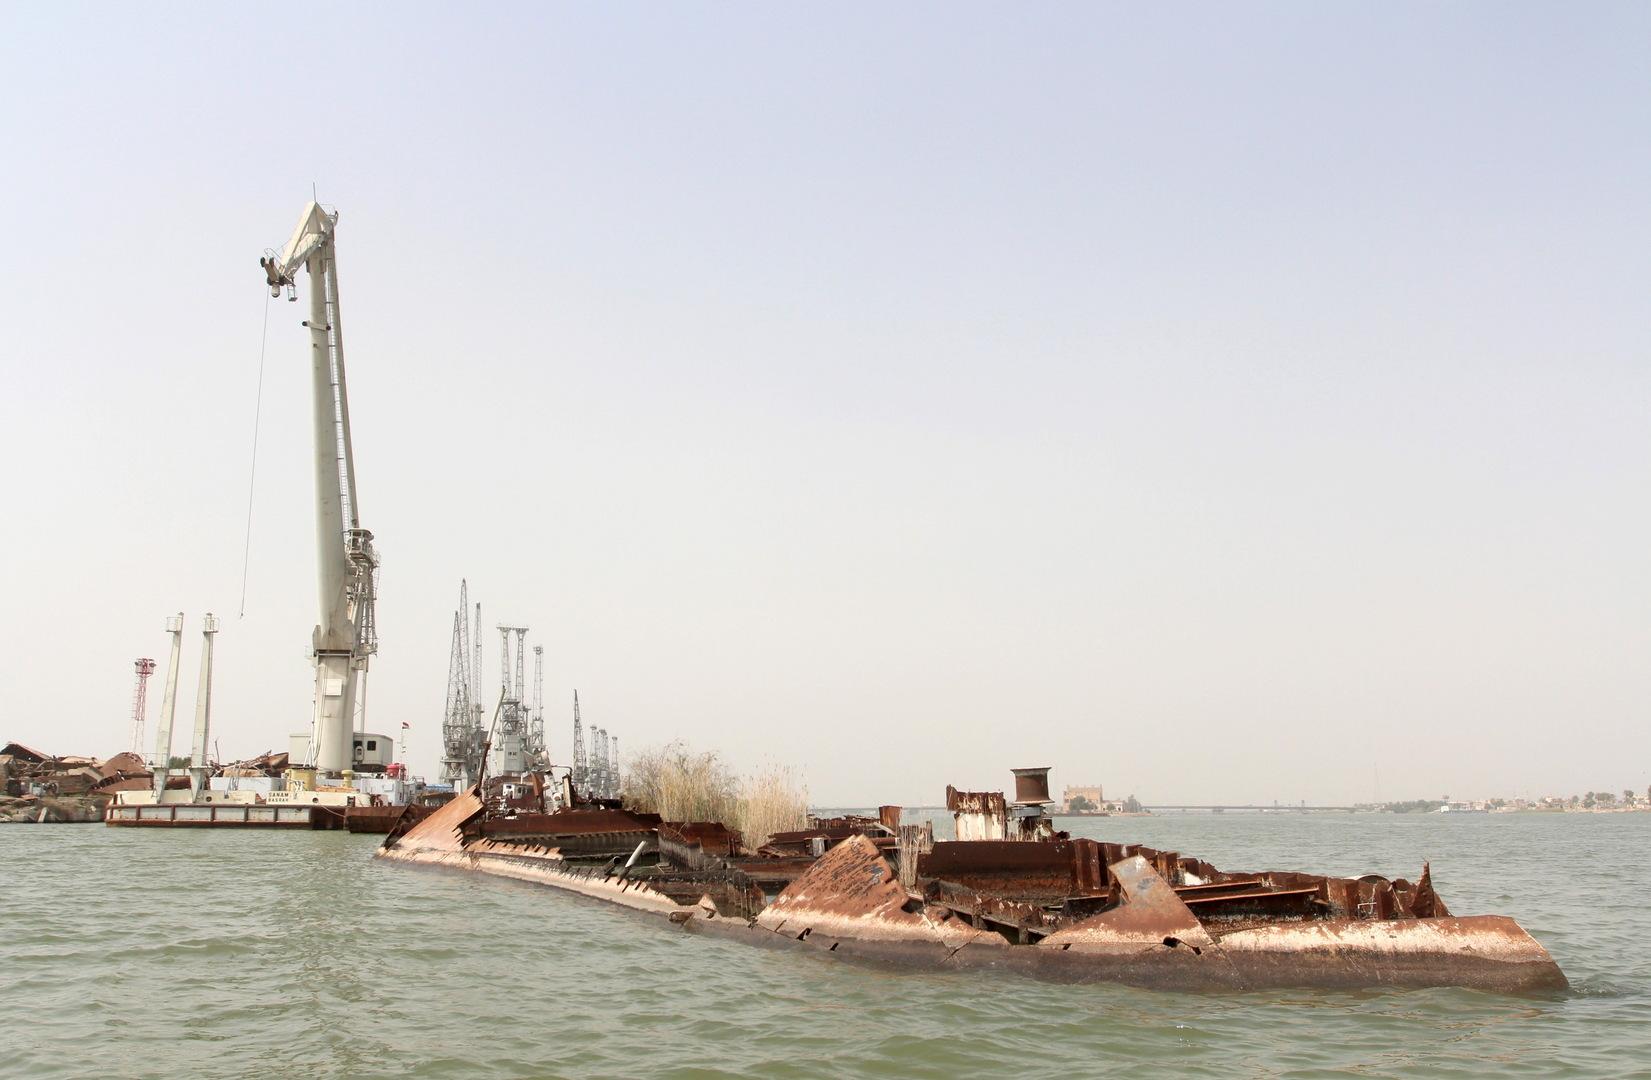 سفينة غارقة في البصرة بعد قصفها في حرب الخليج الاولى سنة 1991.